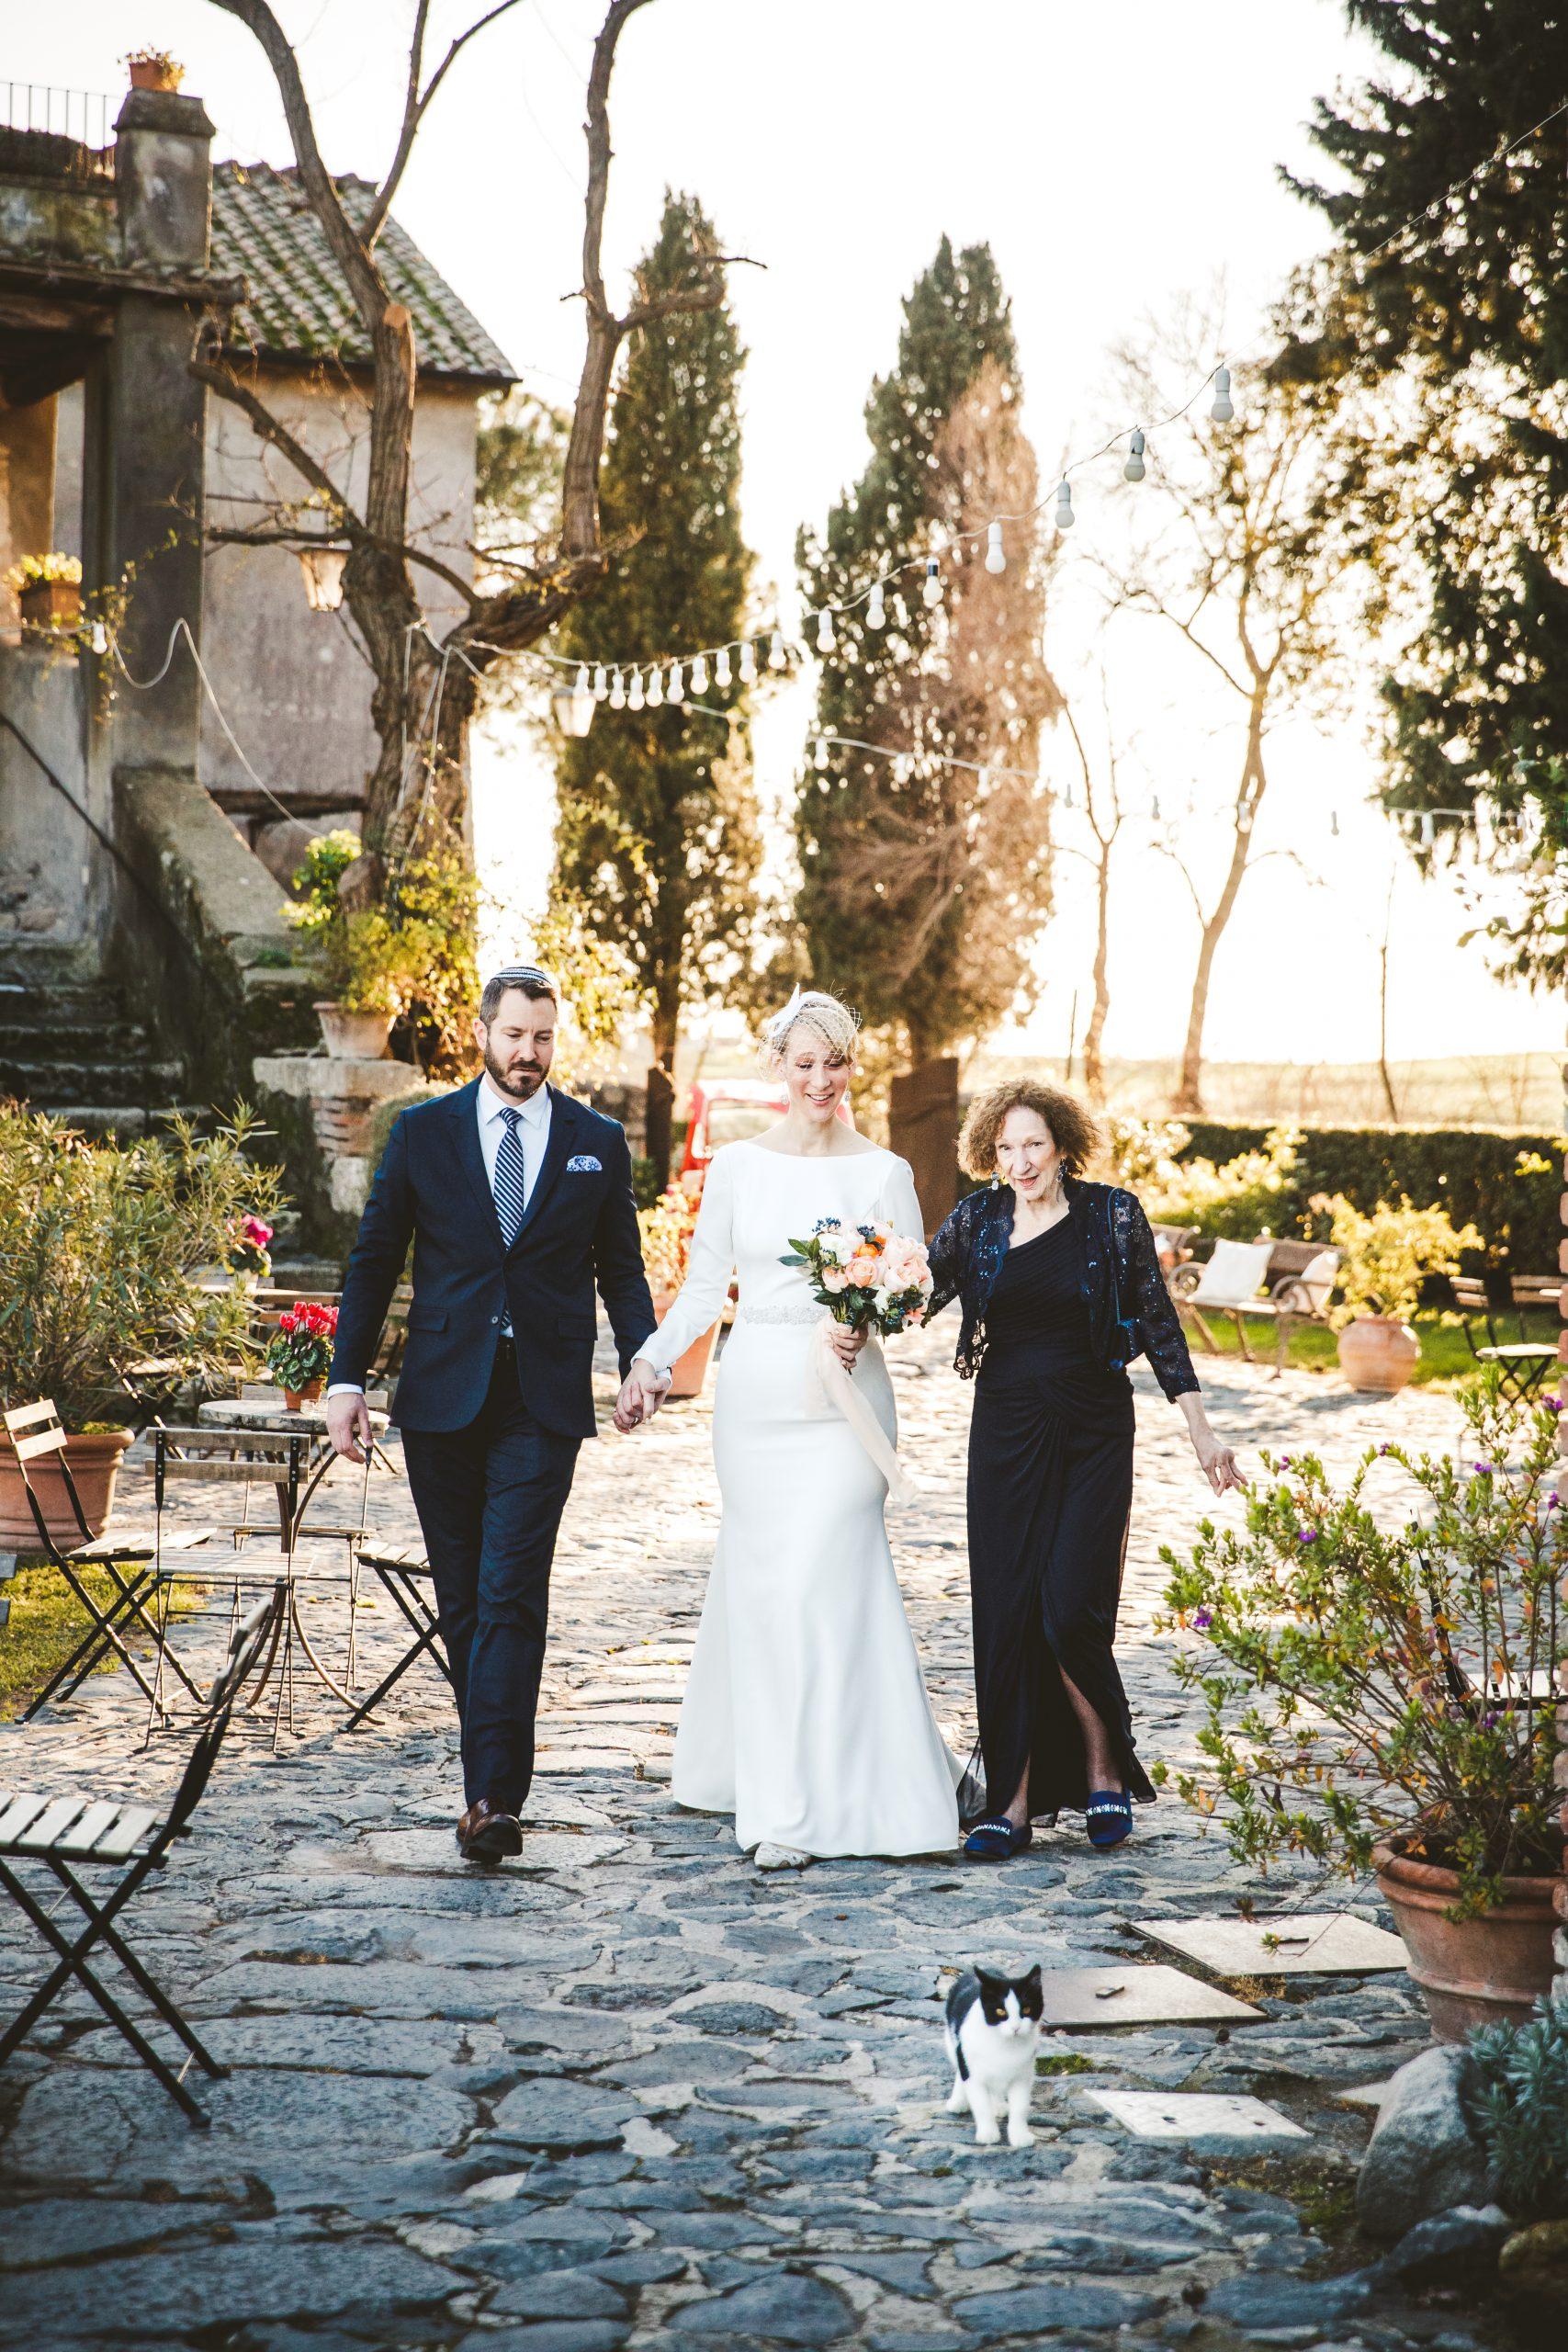 Borgo di Tragliata wedding – We love cats